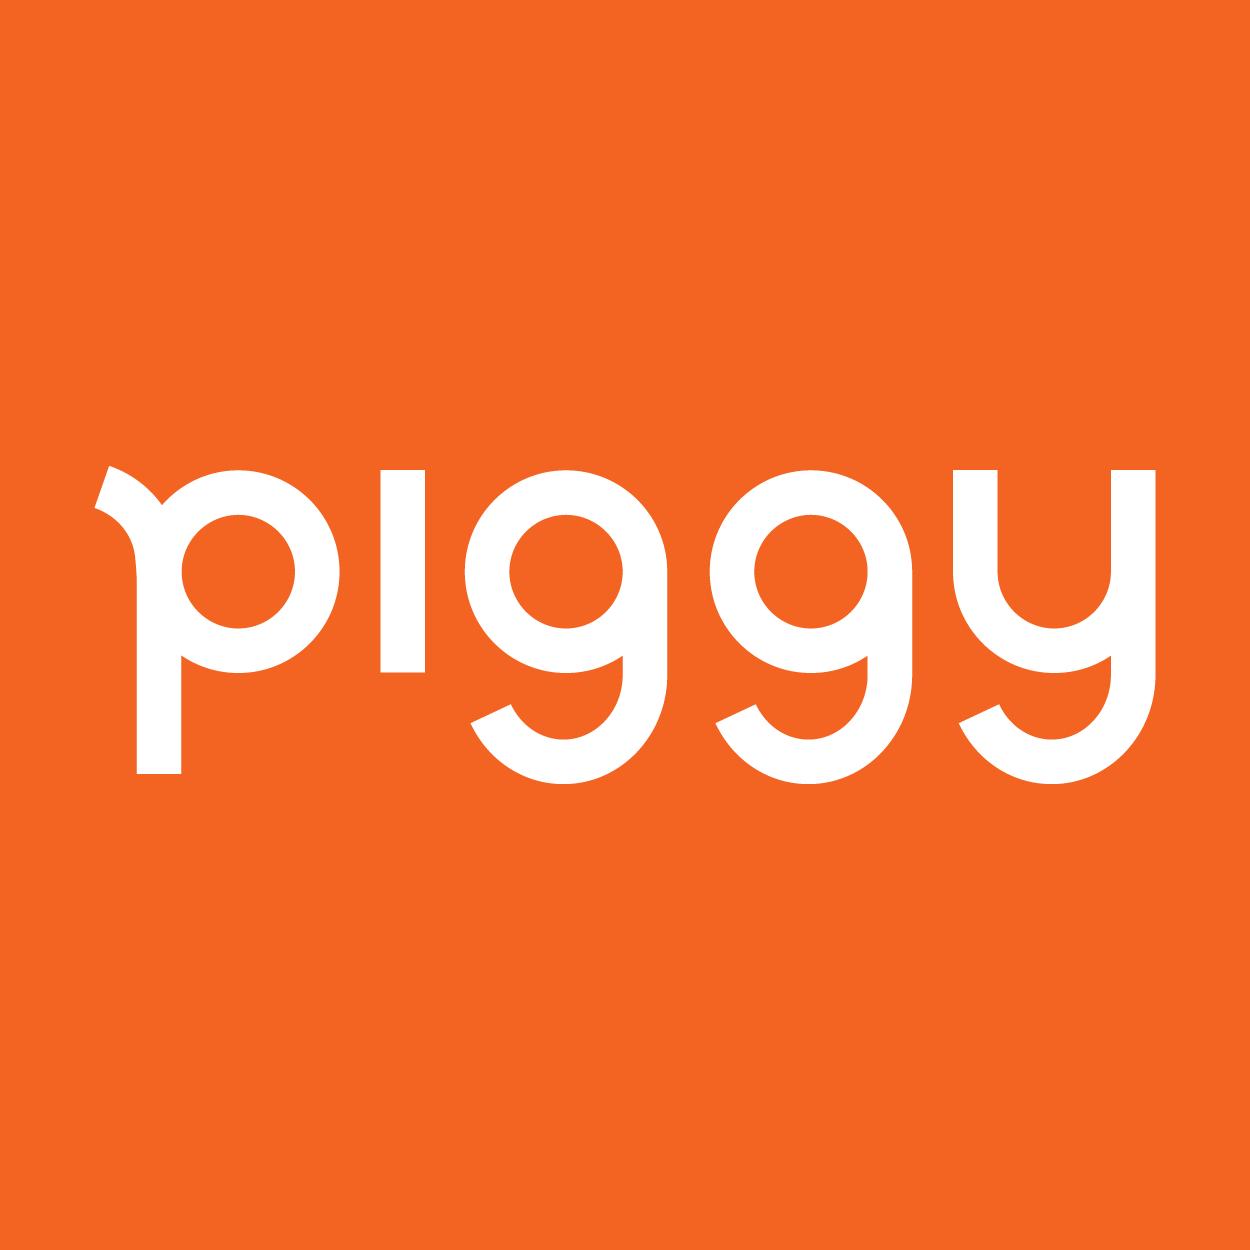 https://assets.lightspeedhq.nl/nl/2018/08/8f6cf65b-piggy-logo_oranje.png